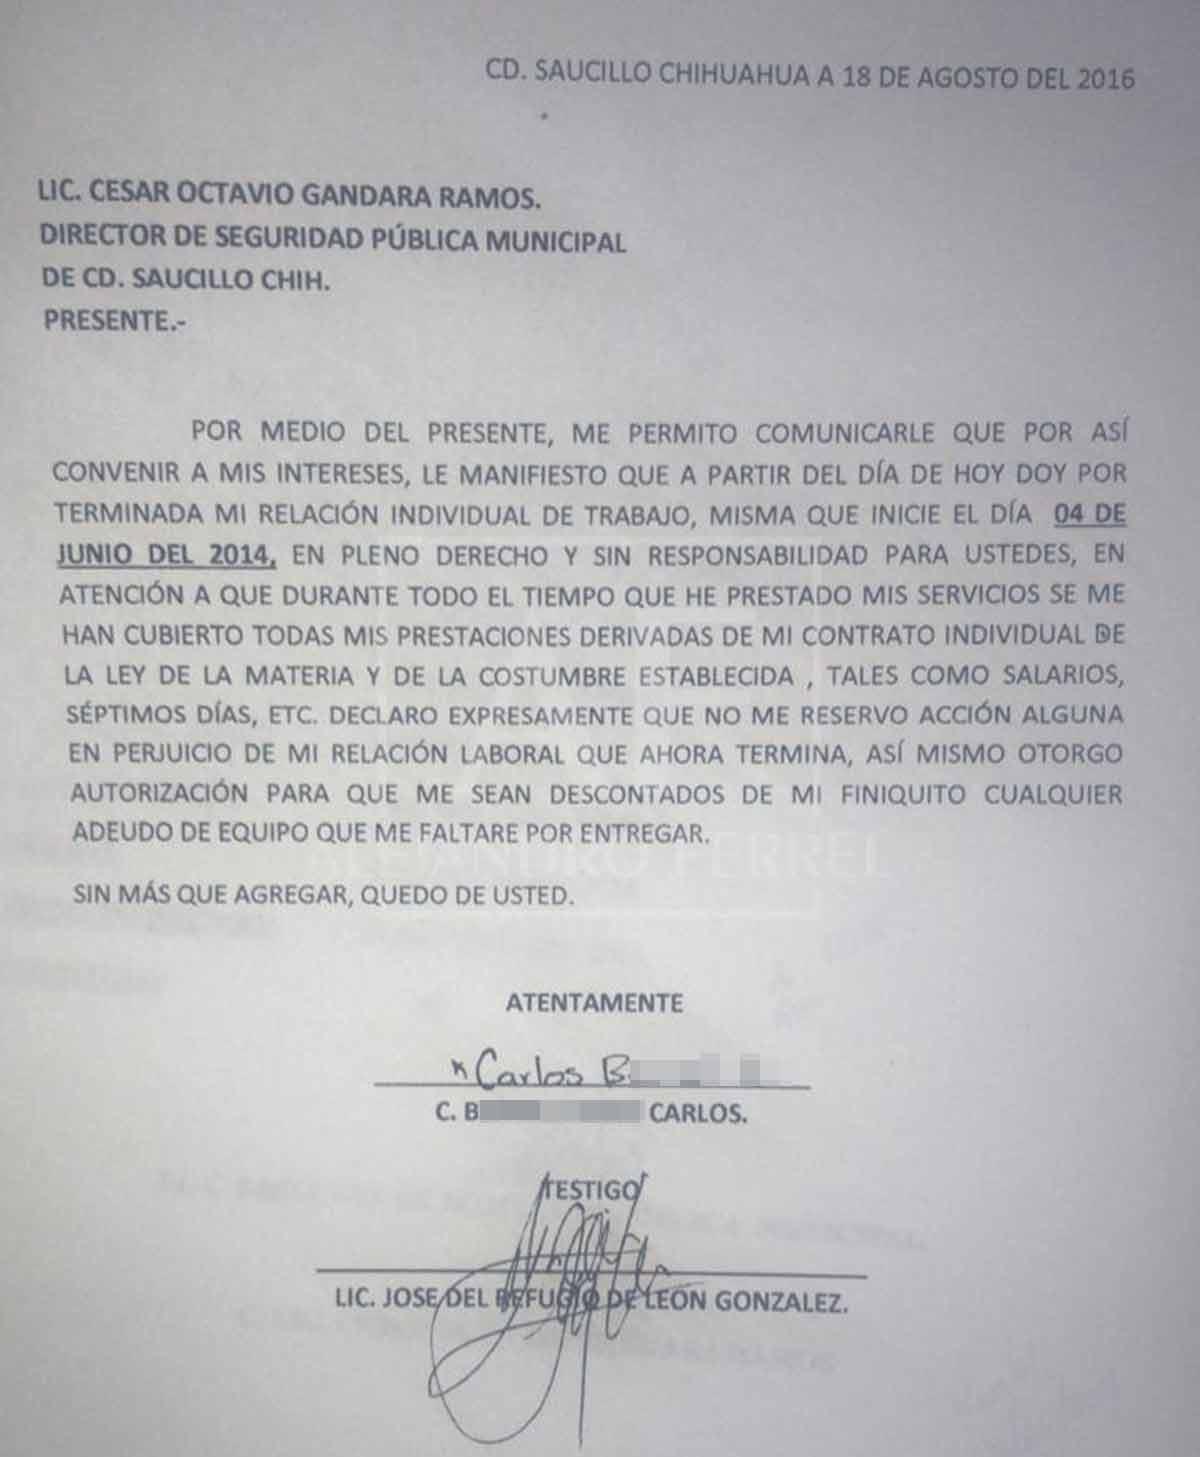 Imagen de carta de renuncia de Carlo, hijo de #LadyAzadon / Foto: Cículo Delicias